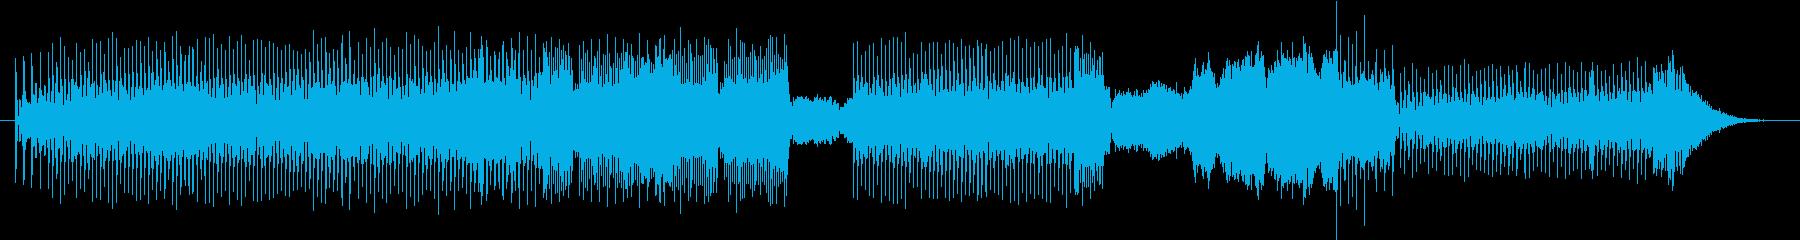 レトロゲームミュージック風エレクトロニカの再生済みの波形